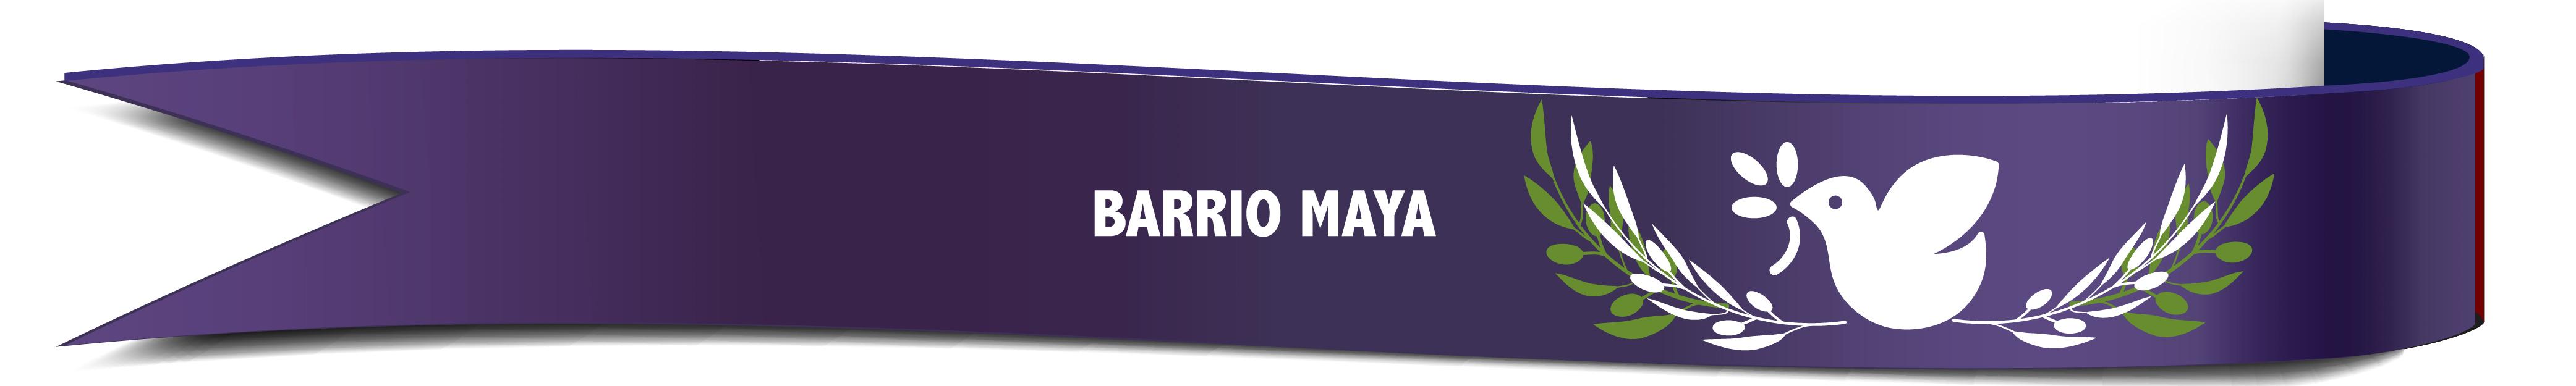 Banners Congre Mundo de Fe-14